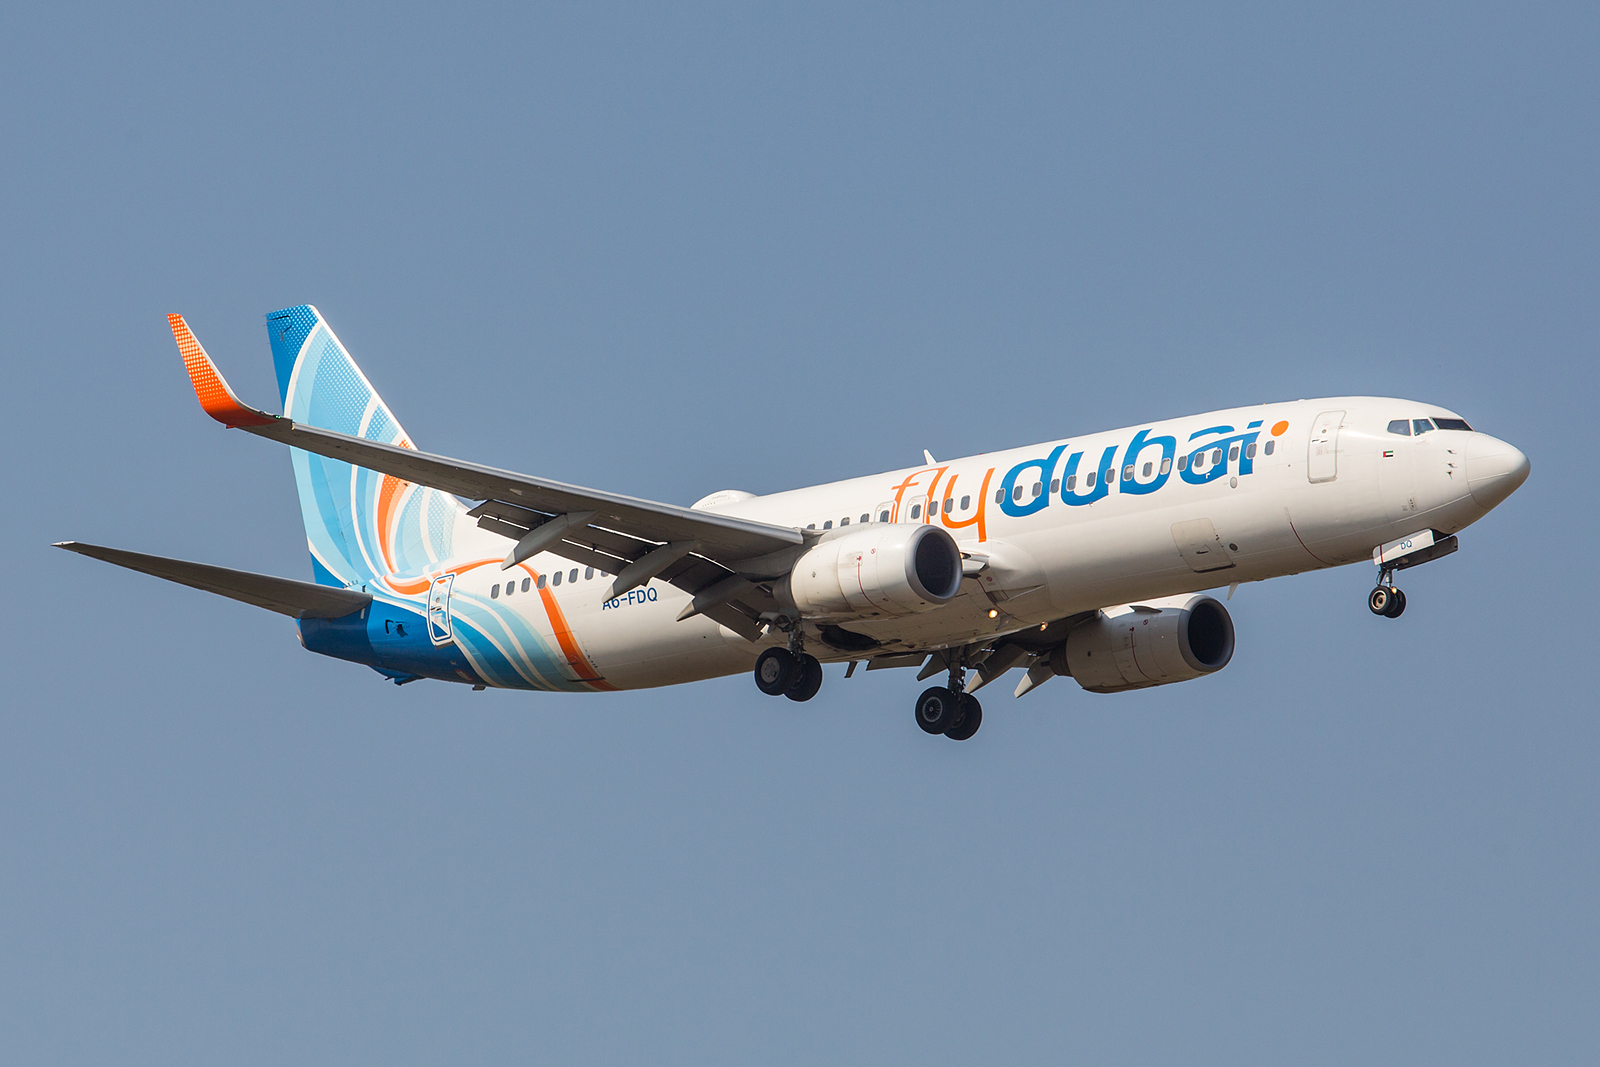 Täglich aus den UAE kommen die Boeing 737-8KN der FlyDubai.